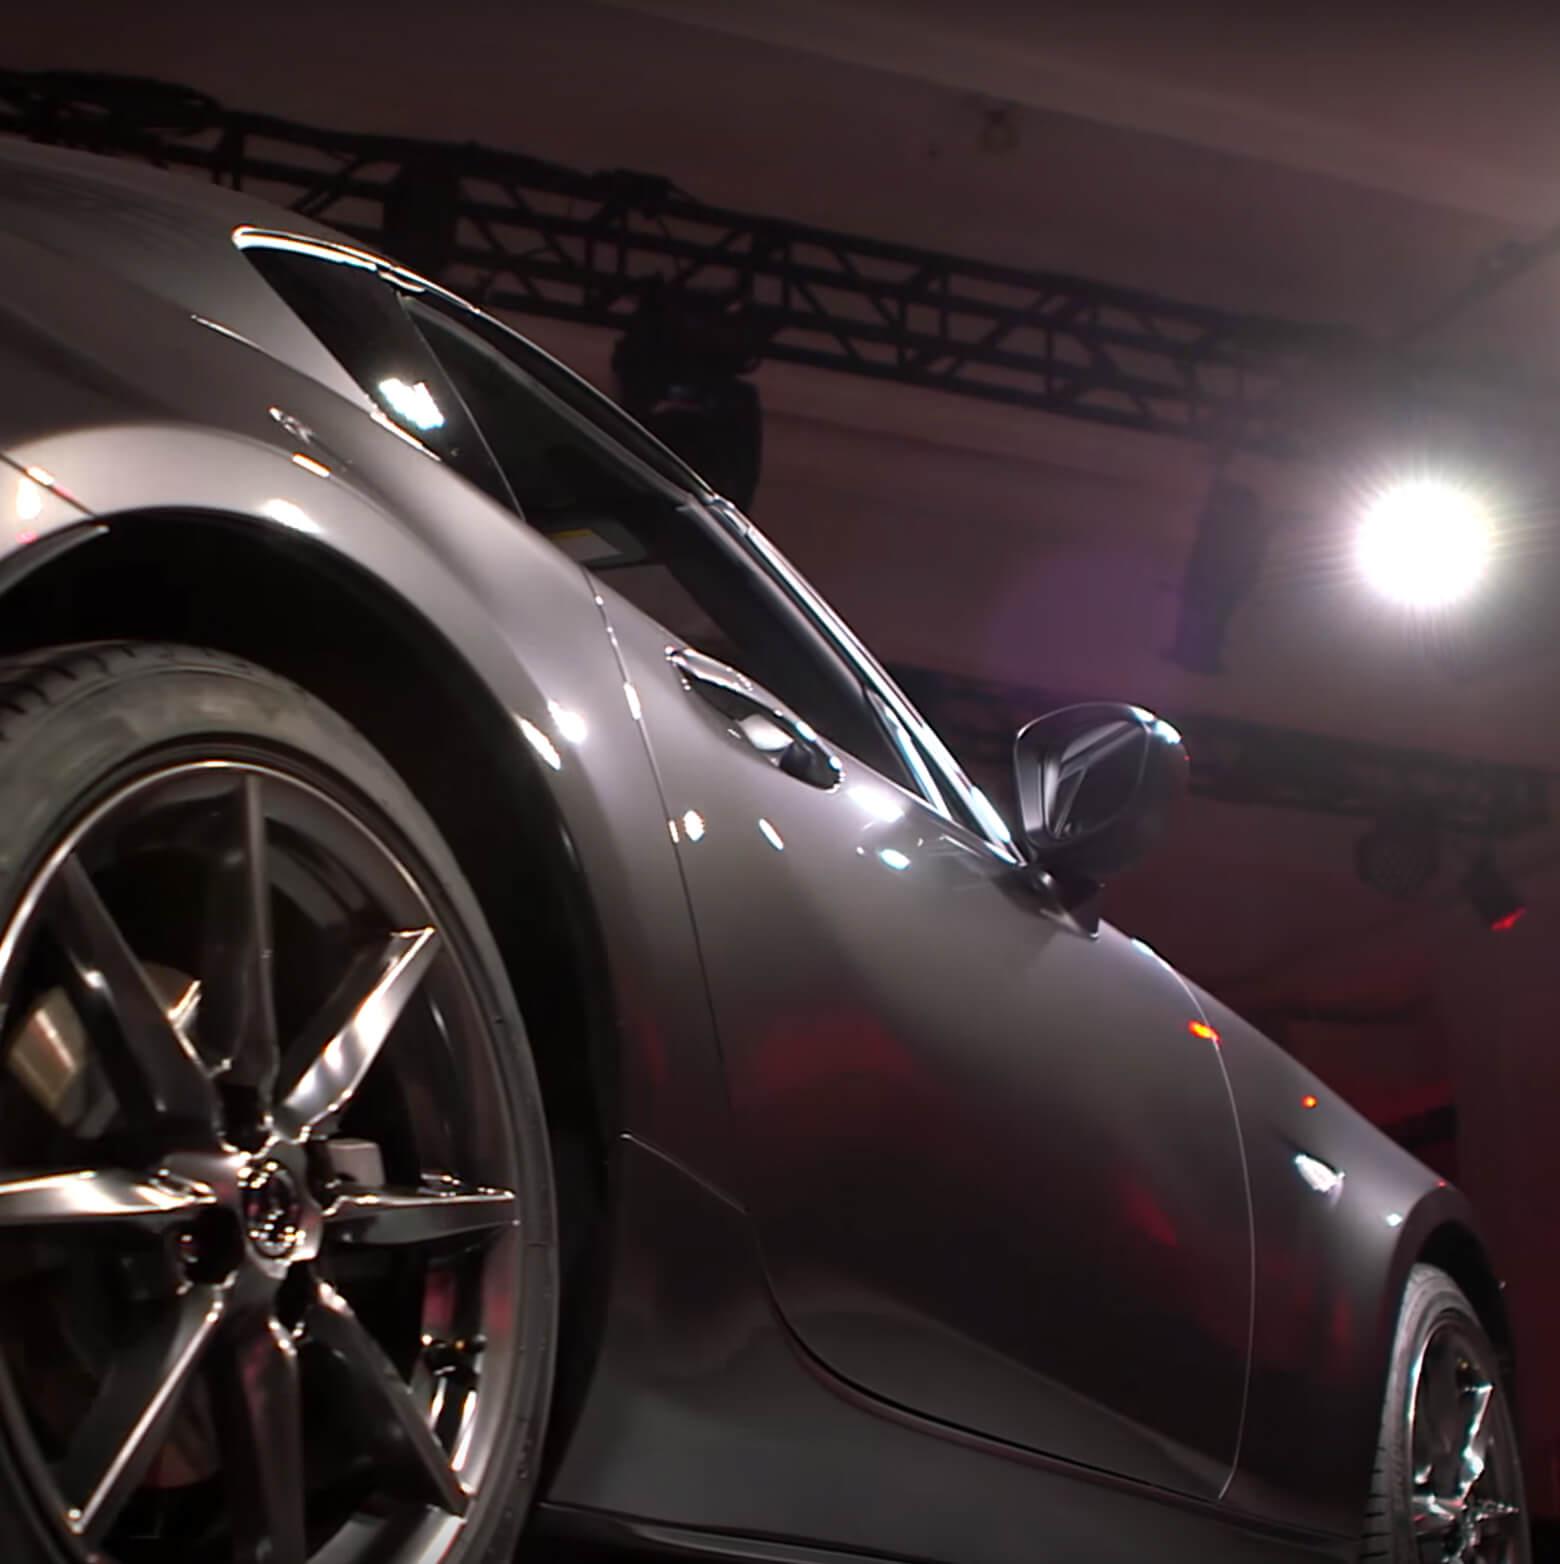 2017 Mazda MX-5-Miata RF - View Pictures & Videos